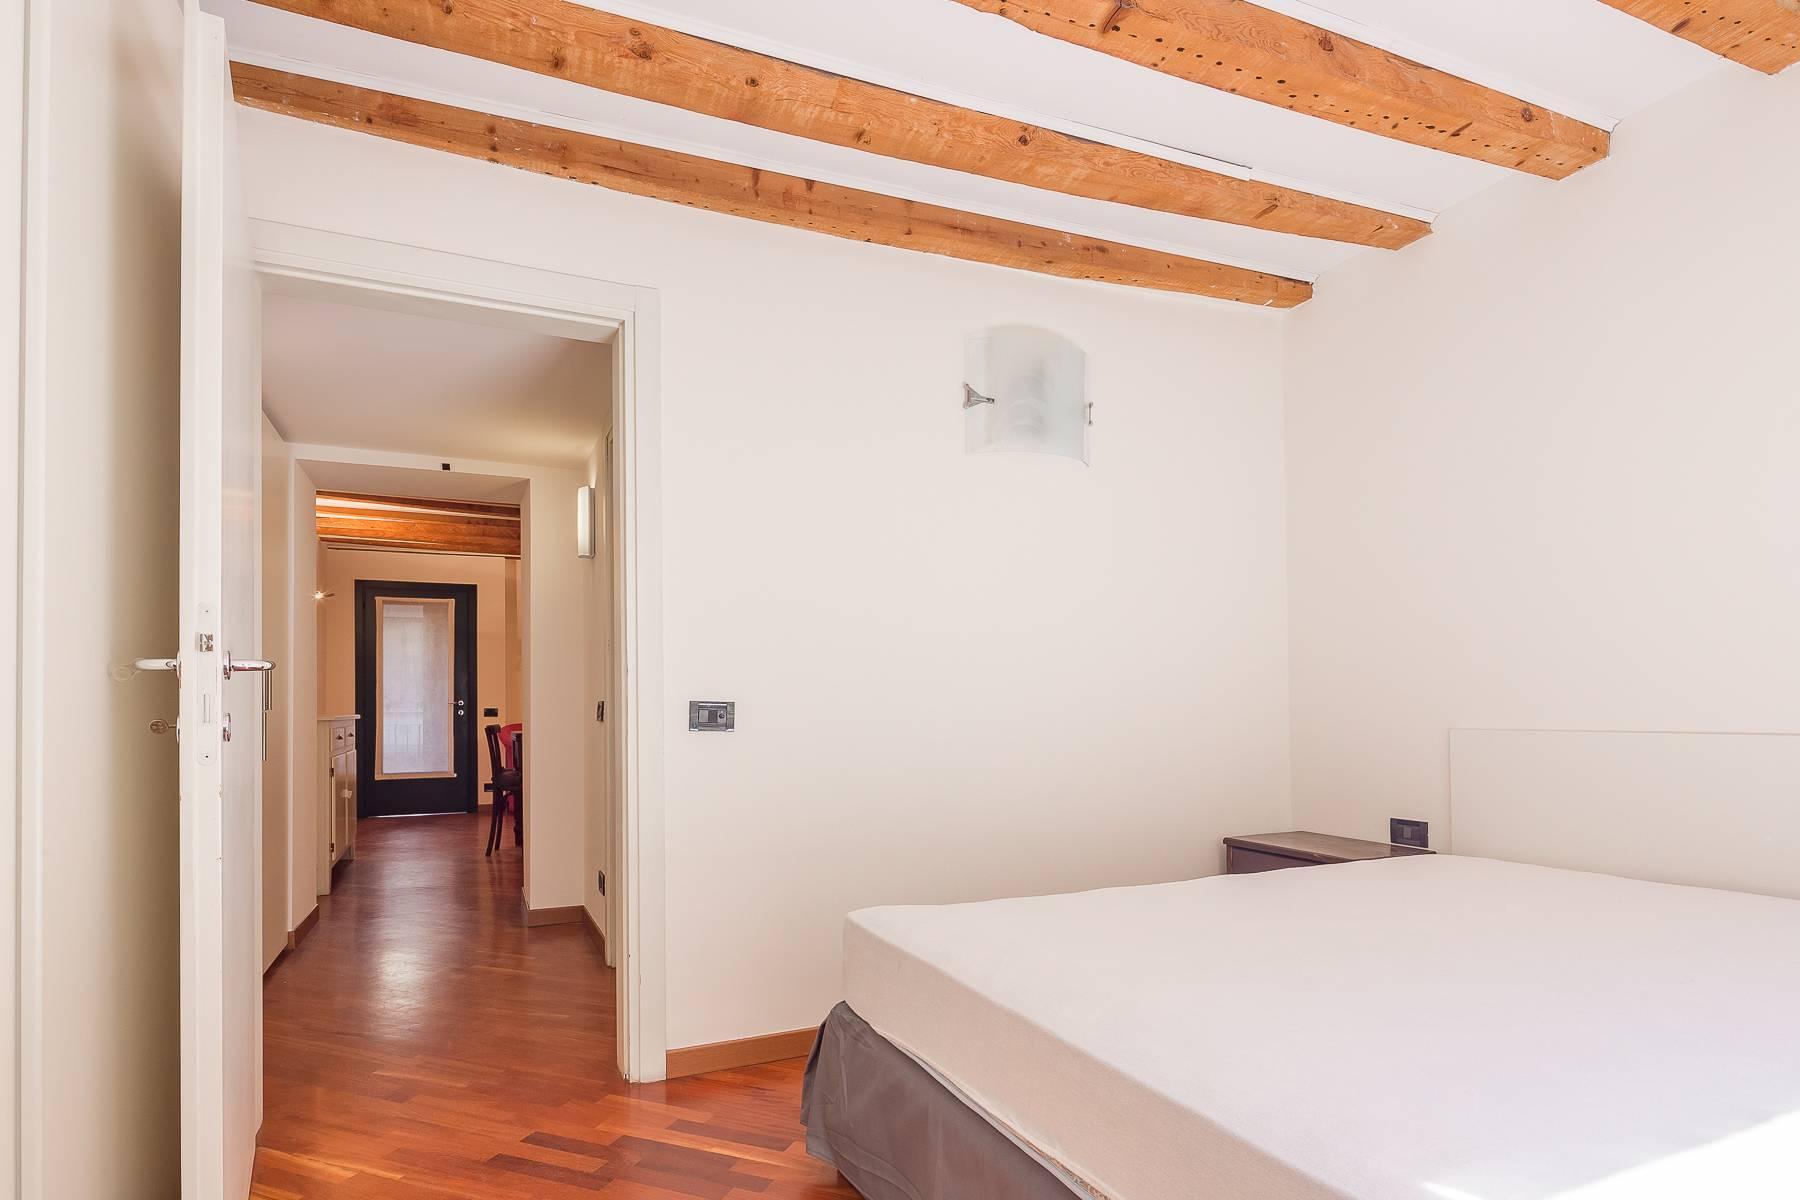 Renovierte Zwei-zimmer wohnung im Stadtviertel Navigli - 12